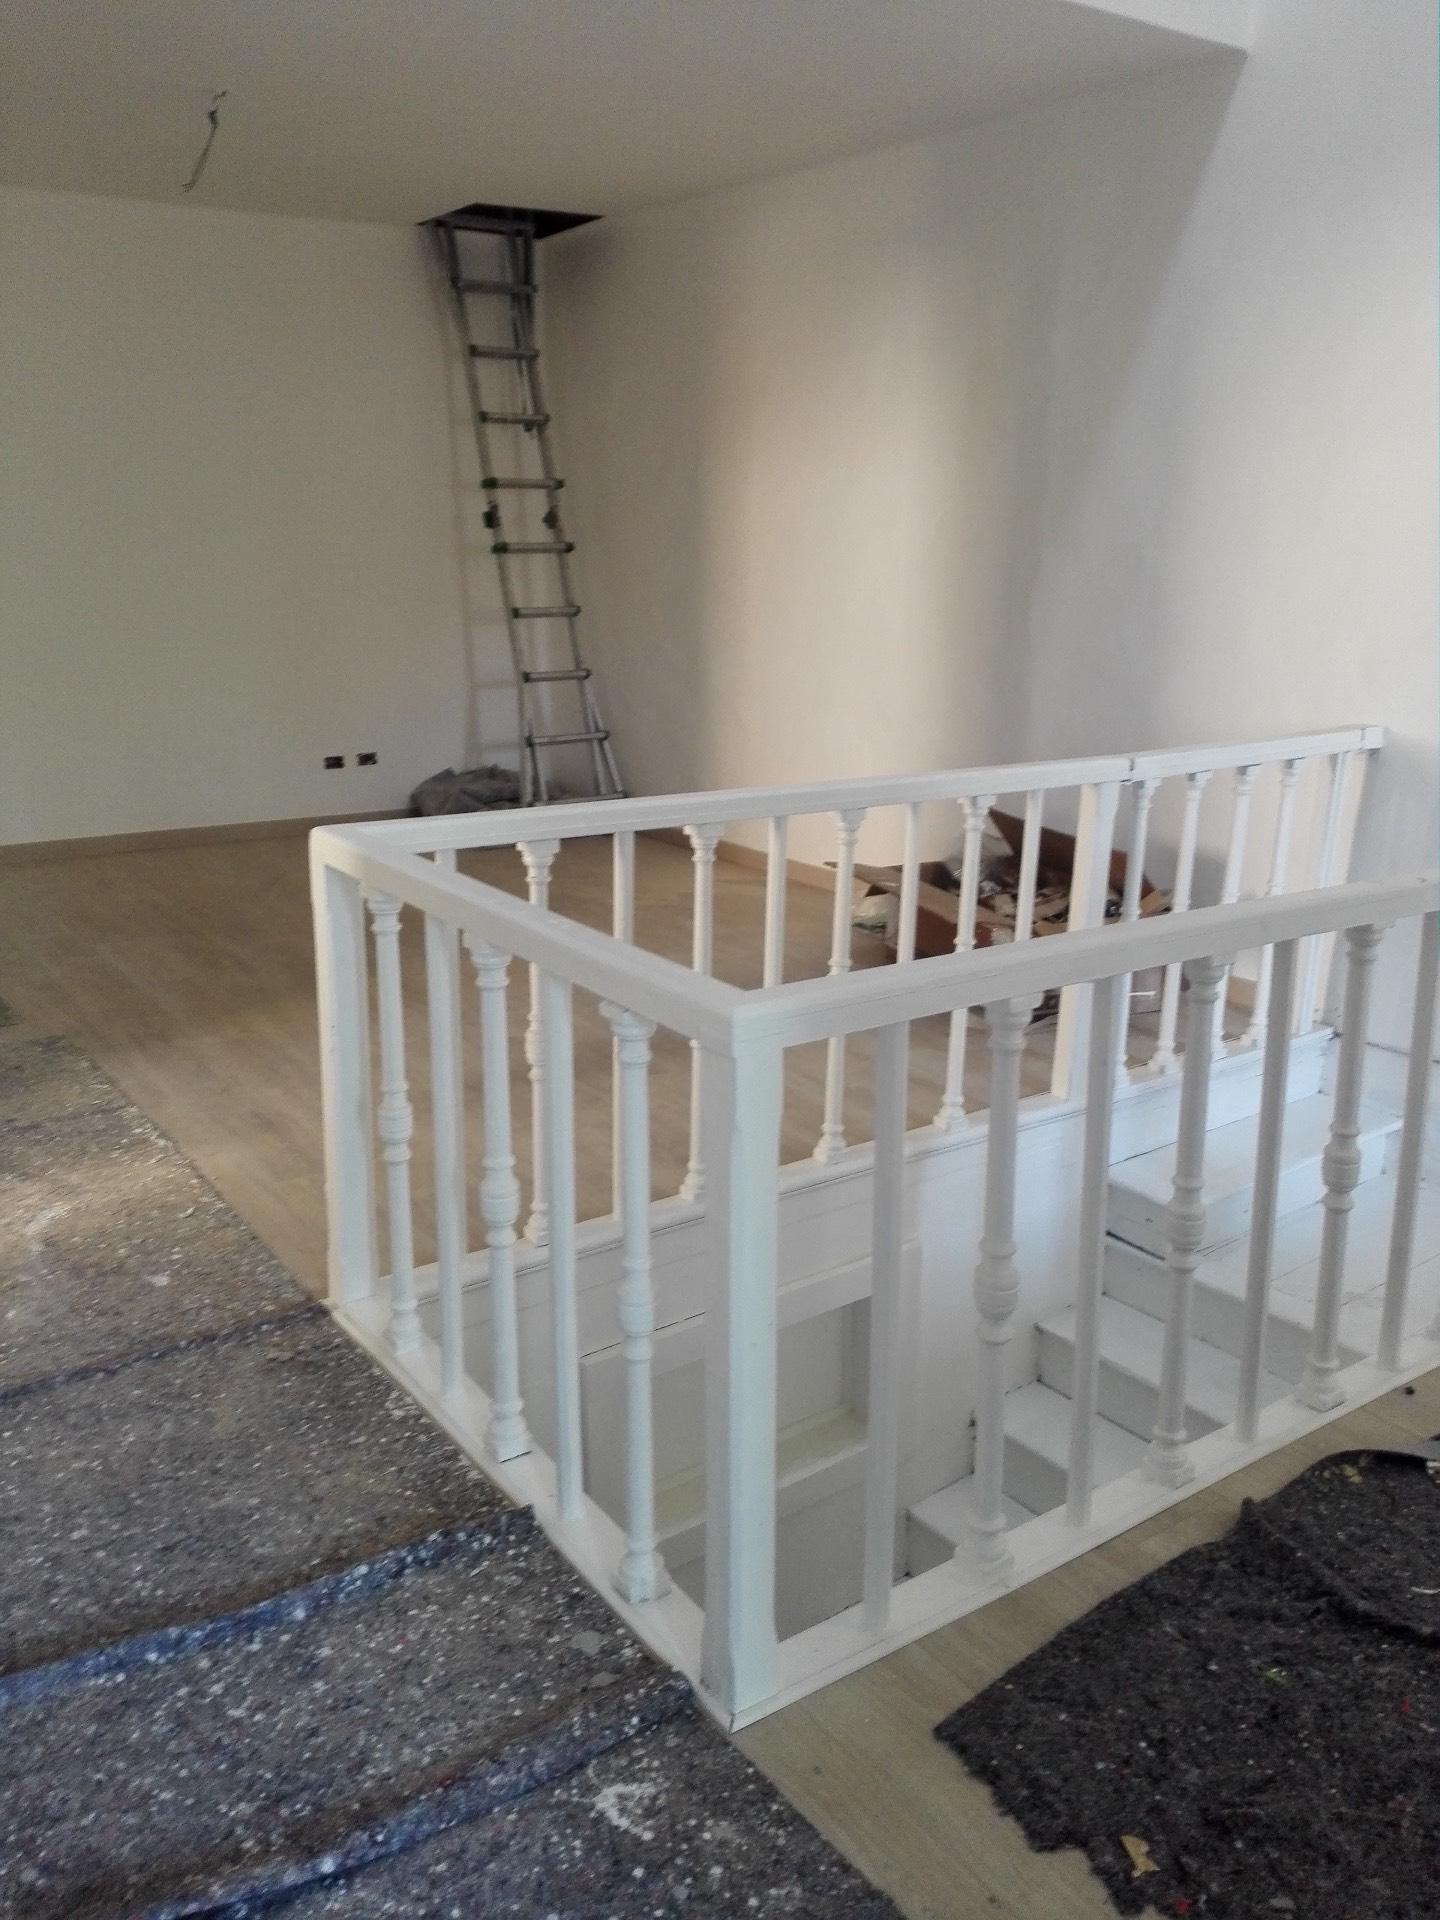 Appartamento in affitto a Conegliano, 7 locali, zona Località: Conegliano, prezzo € 700 | Cambio Casa.it